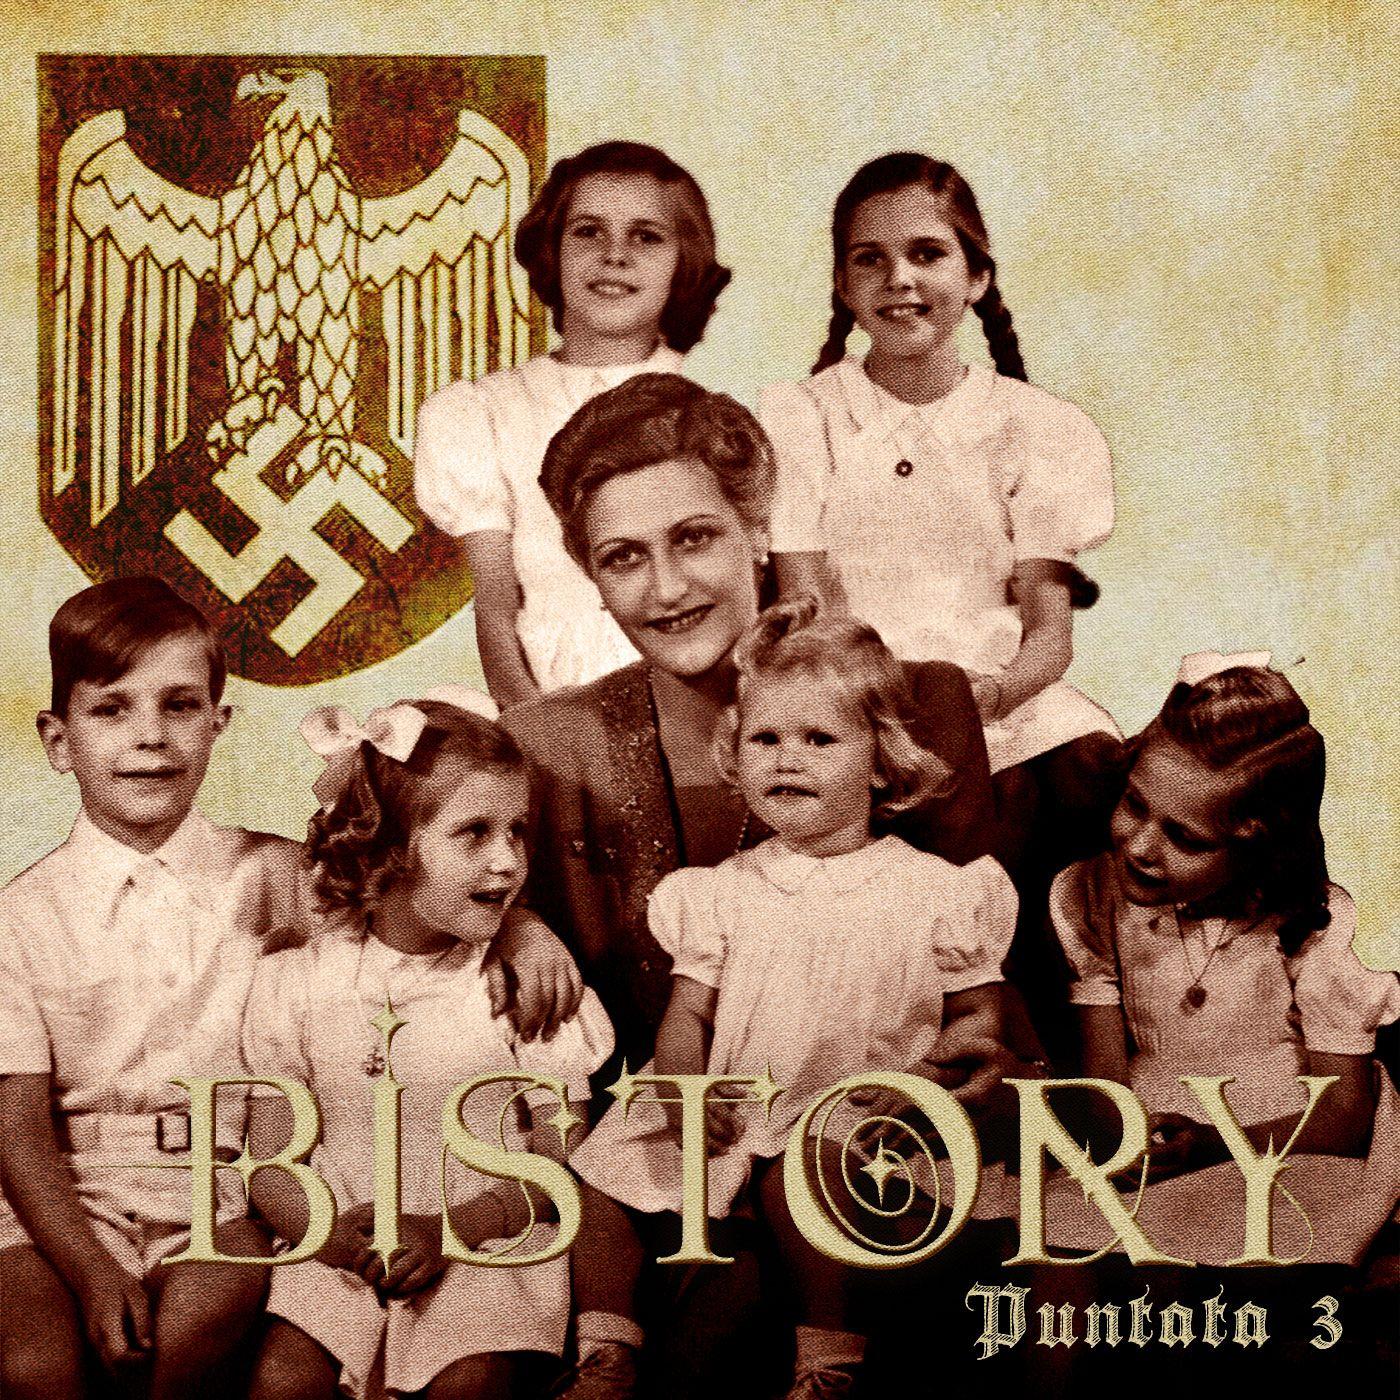 Bistory S01E03 Magda Goebbels